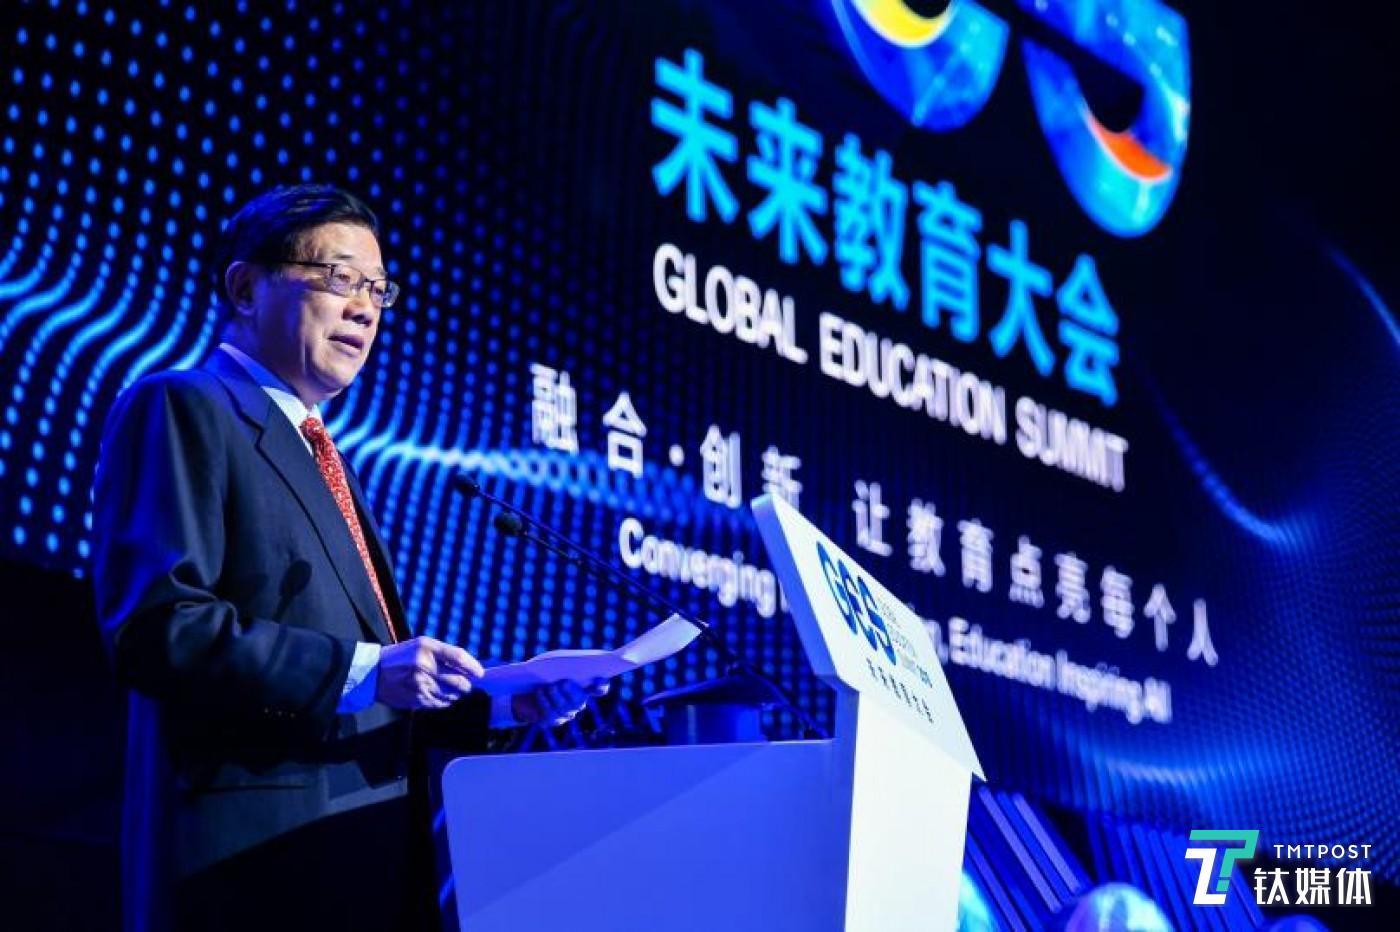 国务院发展研究中心主任、中国发展研究基金会理事长李伟